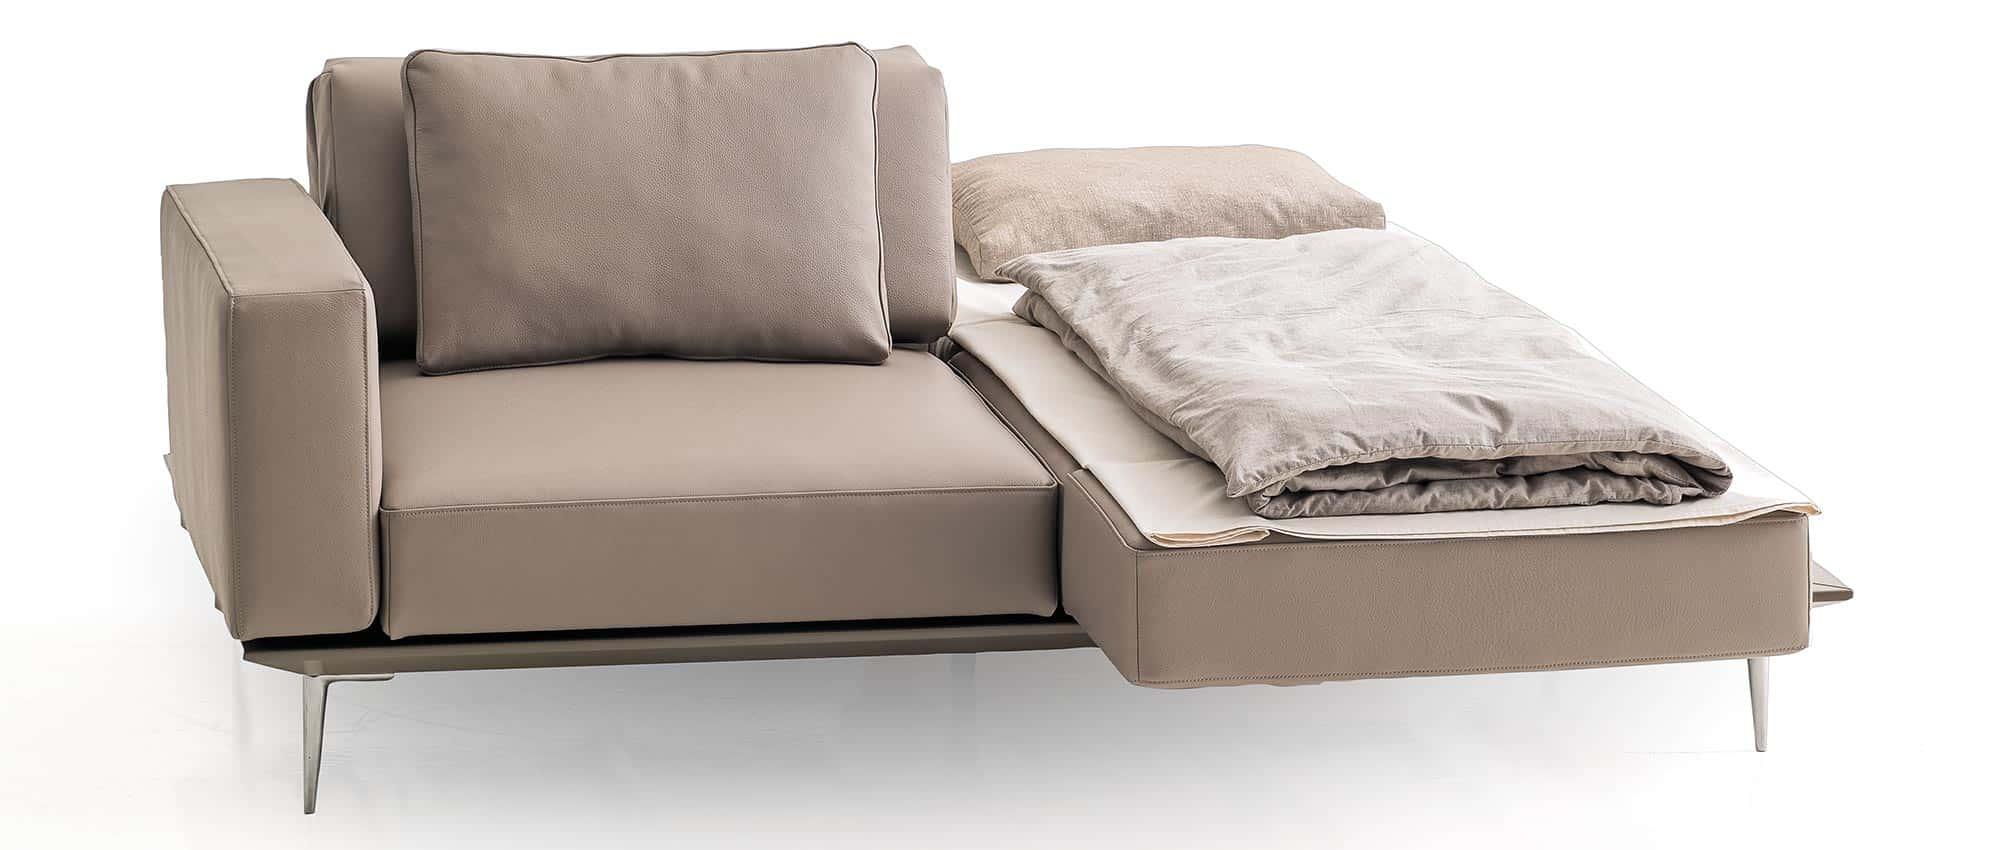 MILAN Schlafsofa von Franz Fertig - Liegefläche ca. 80x200 cm. Einzelbett und Doppelbett. Klappbare Armlehnen.